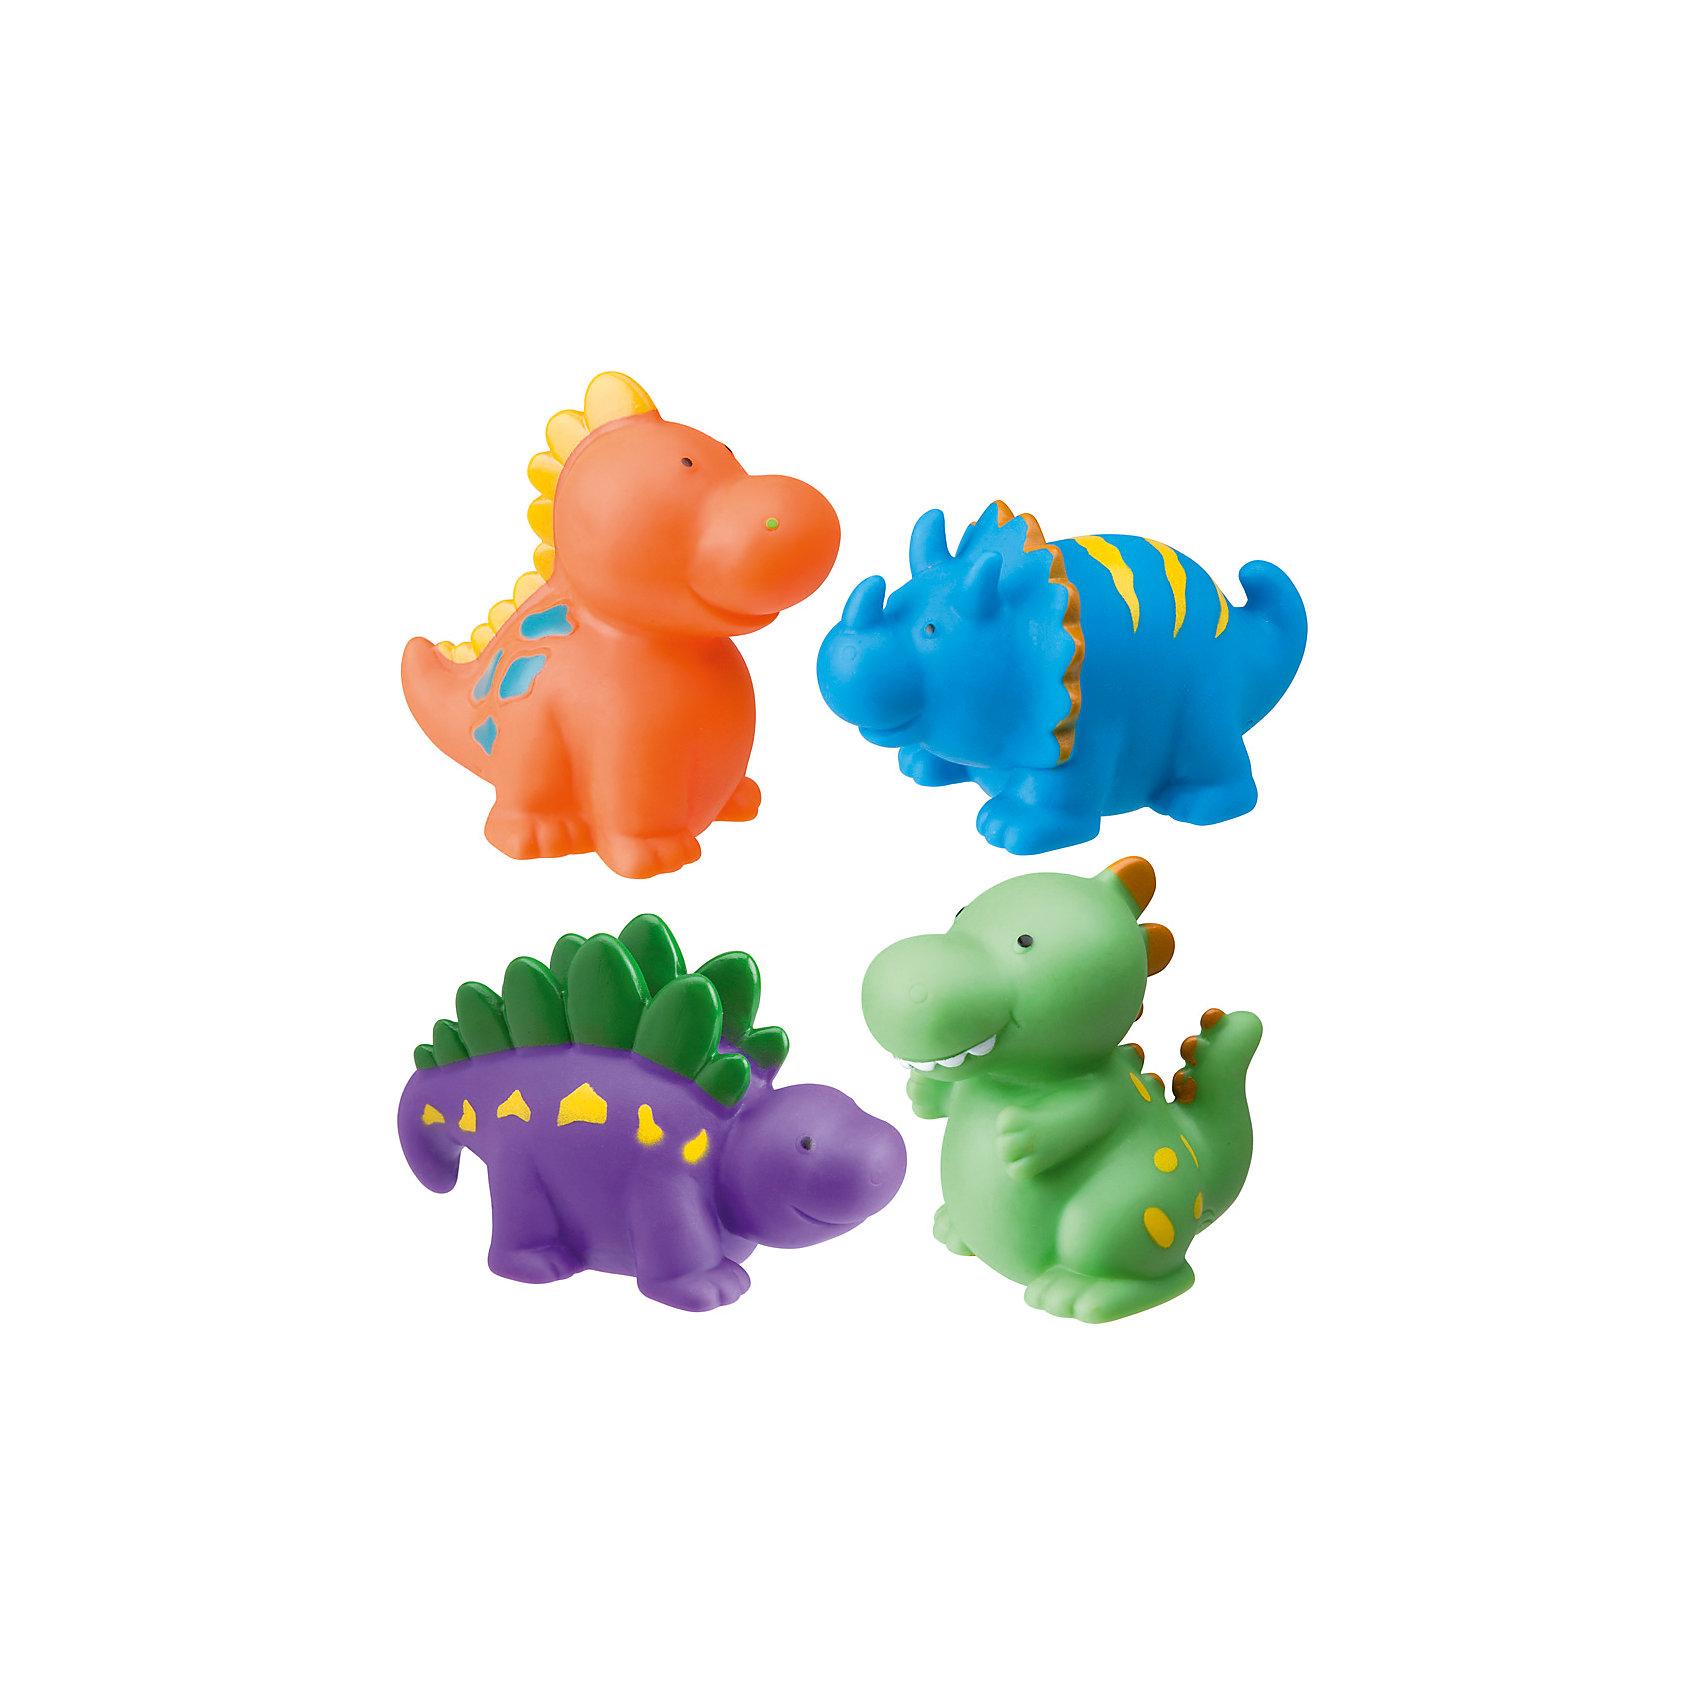 Набор игрушек для ванны Динозаврики, AlexИгрушки ПВХ<br>Характеристики товара:<br><br>• возраст от 6 месяцев<br>• материал: резина<br>• в комплекте: 4 игрушки, сумочка<br>• высота игрушки 6 см<br>• игрушки-брызгалки<br>• размер упаковки 13,3х16х5 см<br>• вес упаковки 200 г.<br>• страна бренда: США<br>• страна производитель: США<br><br>Игрушки для ванны «Динозаврики» Alex сделают купание в ванной увлекательным и веселым. Игрушки выполнены в виде цветных динозавриков-пищалок. Если набрать в них и воды и сжать, то брызнет струйка воды. Игрушки изготовлены из экологичной резины. Для хранения предусмотрена удобная пластиковая сумочка с ручками.<br><br>Игрушки для ванны «Динозаврики» Alex 4 предмета можно приобрести в нашем интернет-магазине.<br><br>Ширина мм: 160<br>Глубина мм: 125<br>Высота мм: 65<br>Вес г: 214<br>Возраст от месяцев: 6<br>Возраст до месяцев: 10<br>Пол: Унисекс<br>Возраст: Детский<br>SKU: 2422326